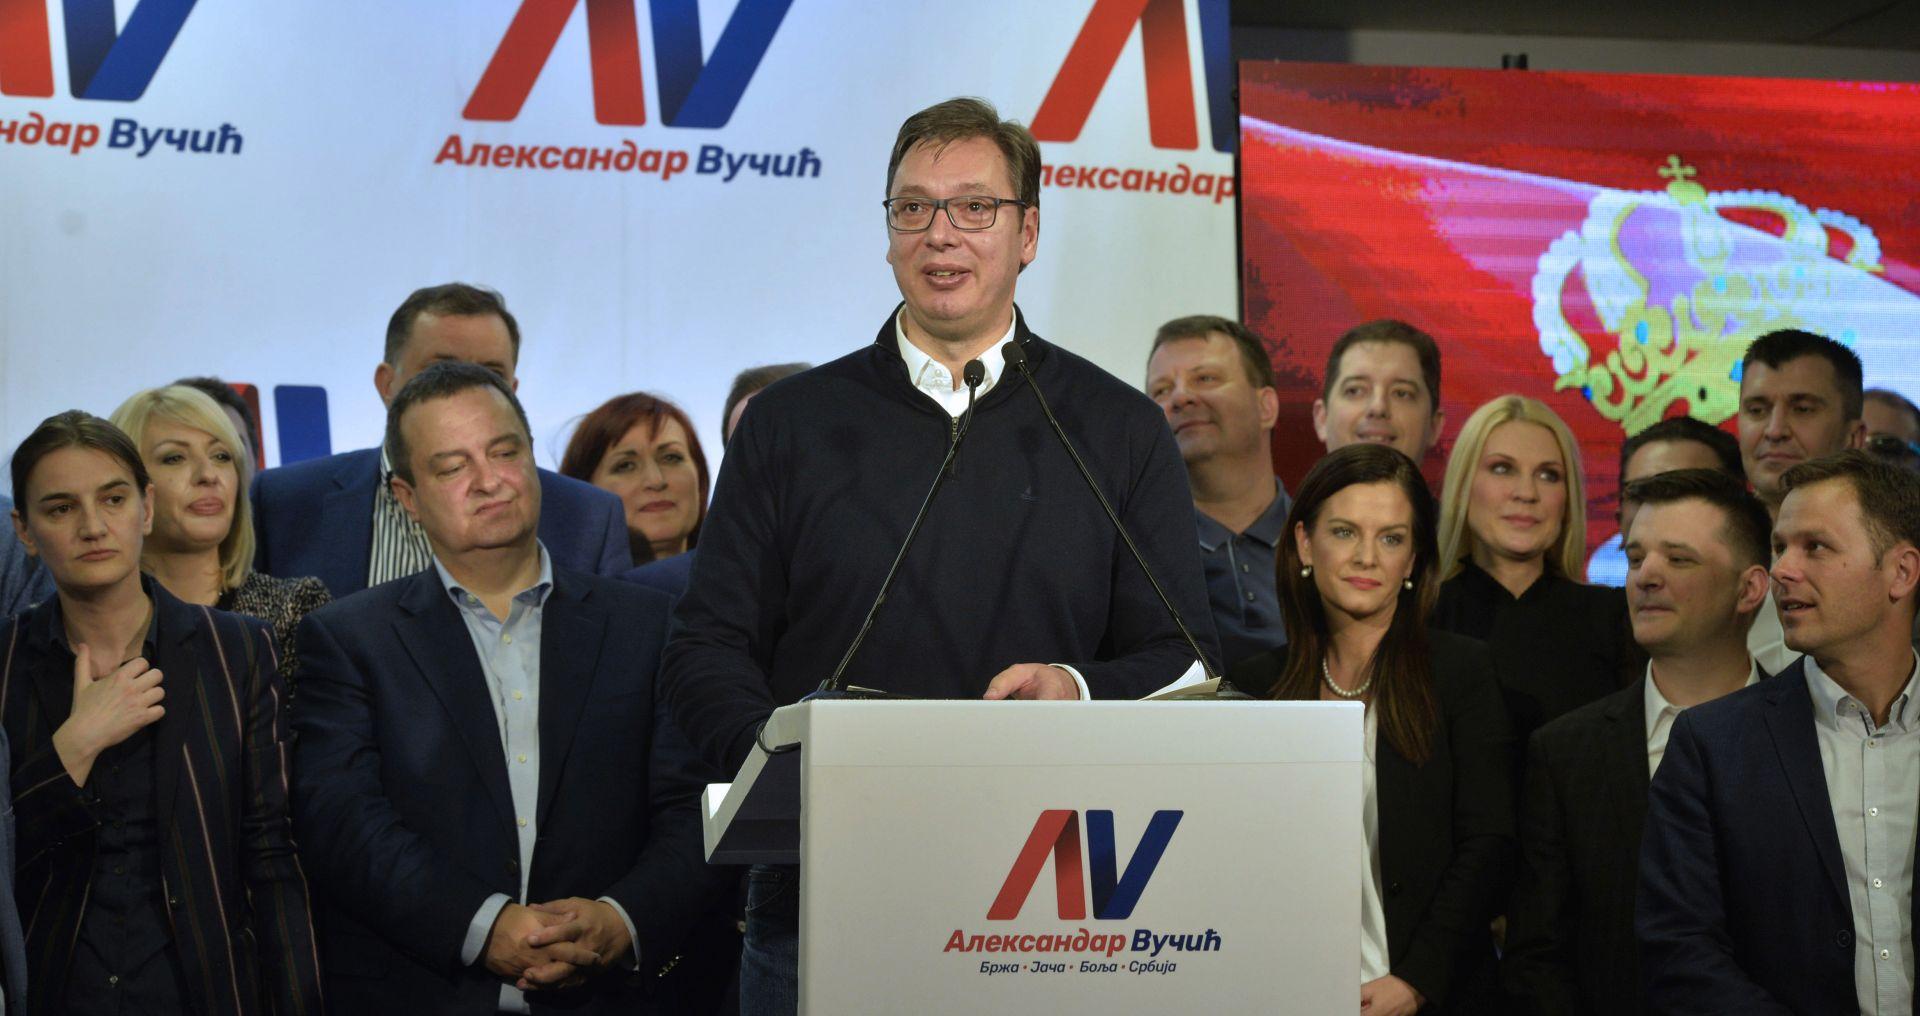 SRBIJA Vučićeva predsjednička prisega 31. svibnja, novi premijer u lipnju